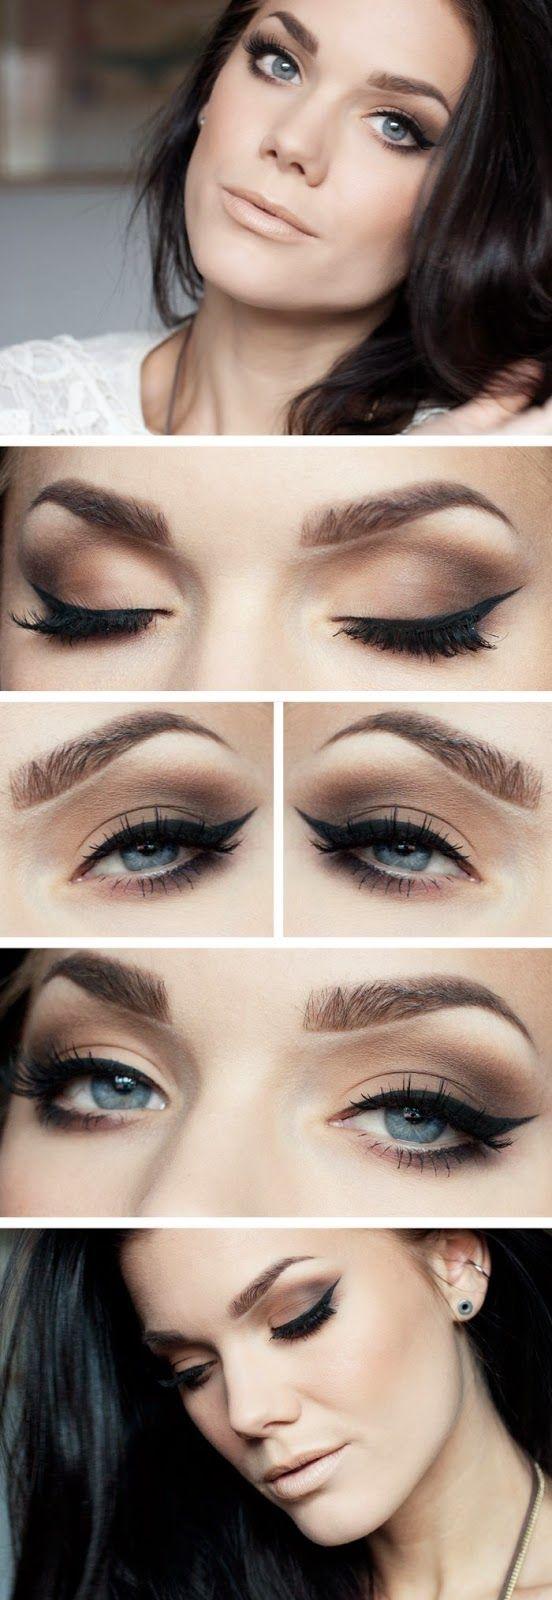 Cómo maquillar los ojos según su forma   Cuidar de tu belleza es facilisimo.com